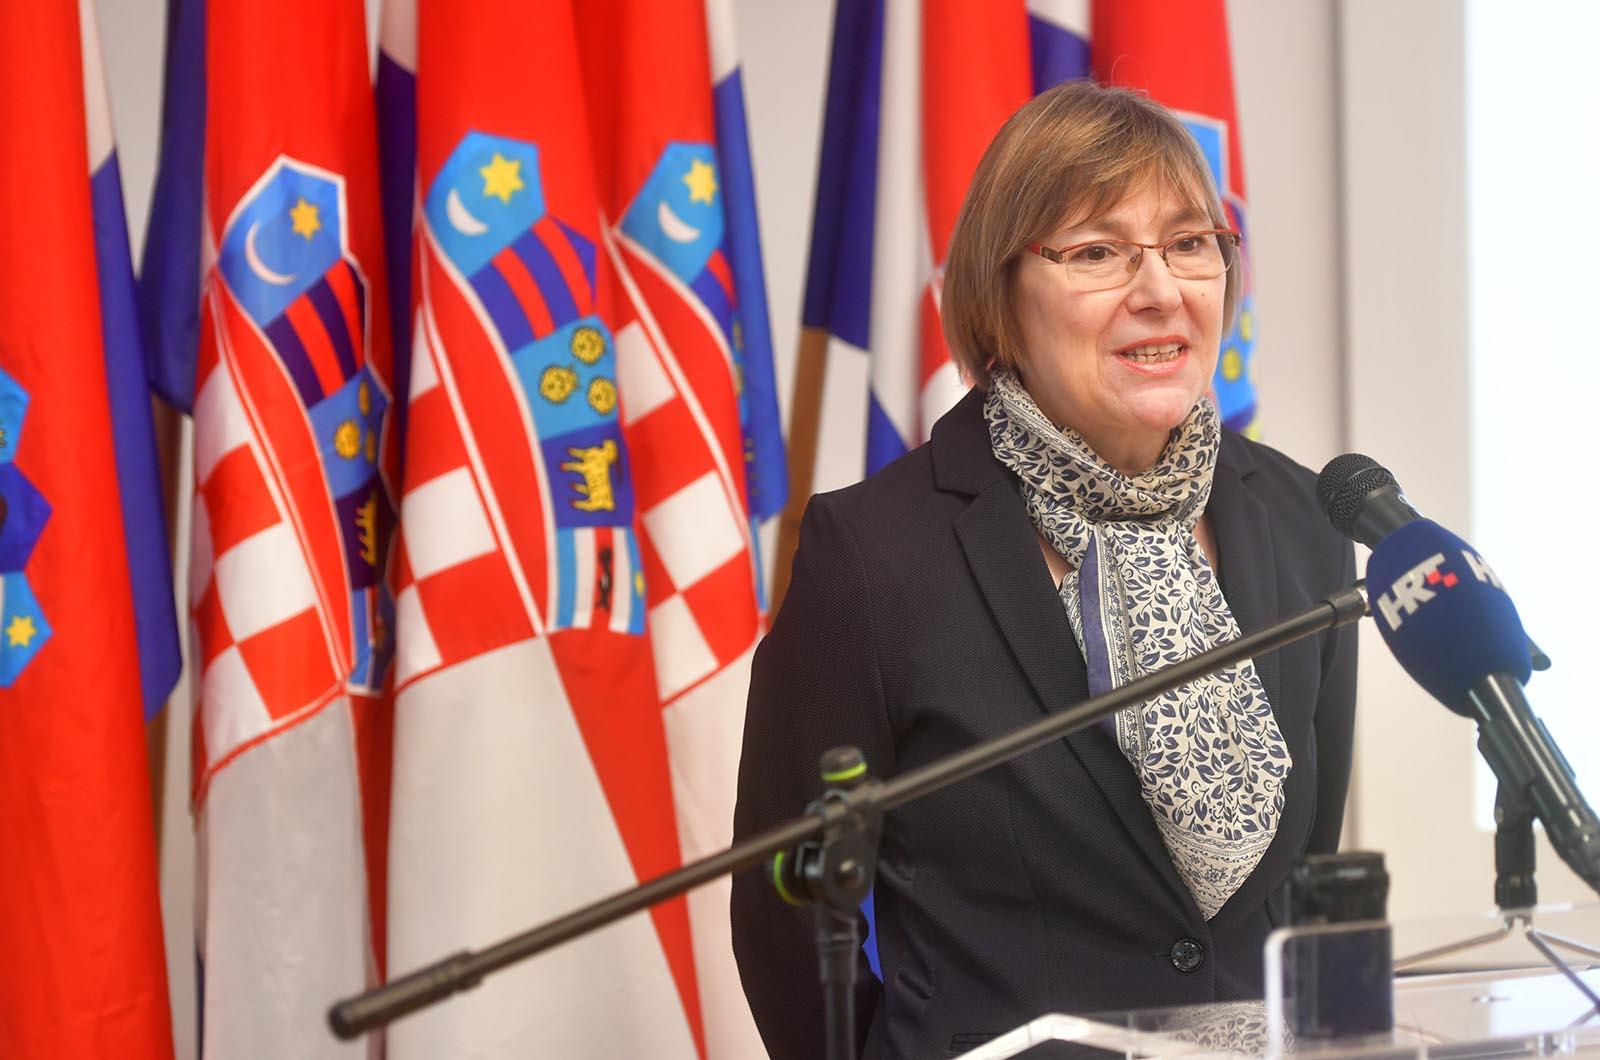 Sanda Čorak